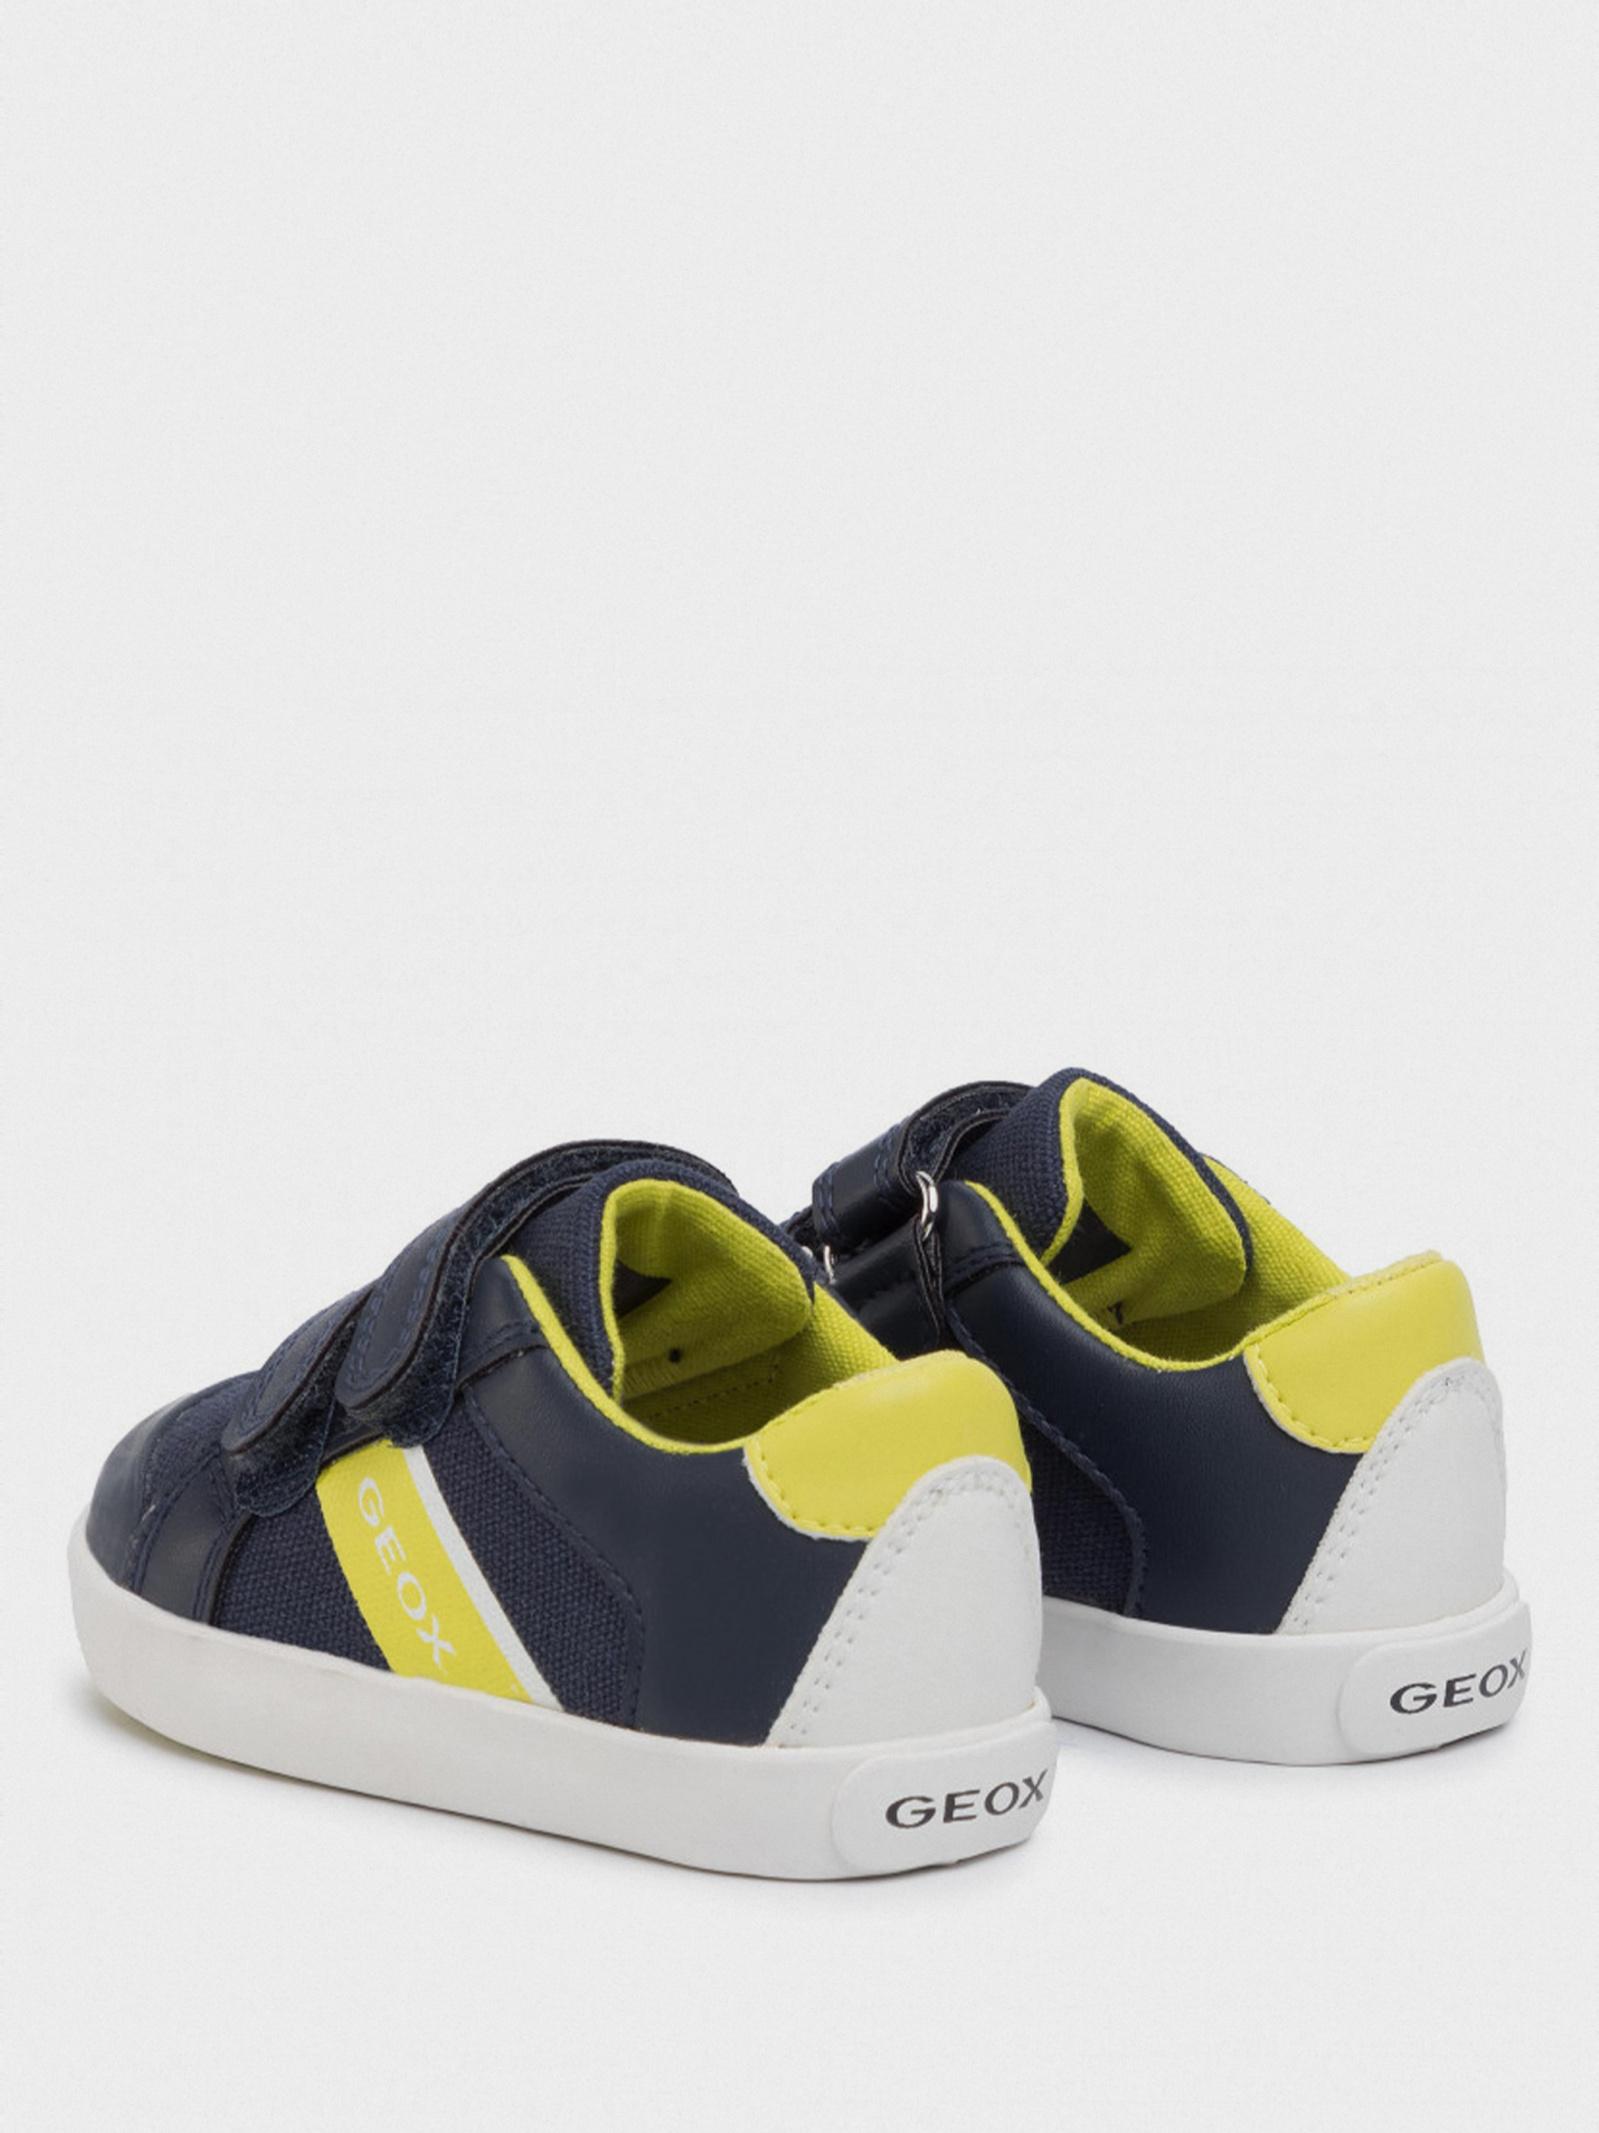 Полуботинки для детей Geox B GISLI BOY B021NB-01054-C0749 размерная сетка обуви, 2017